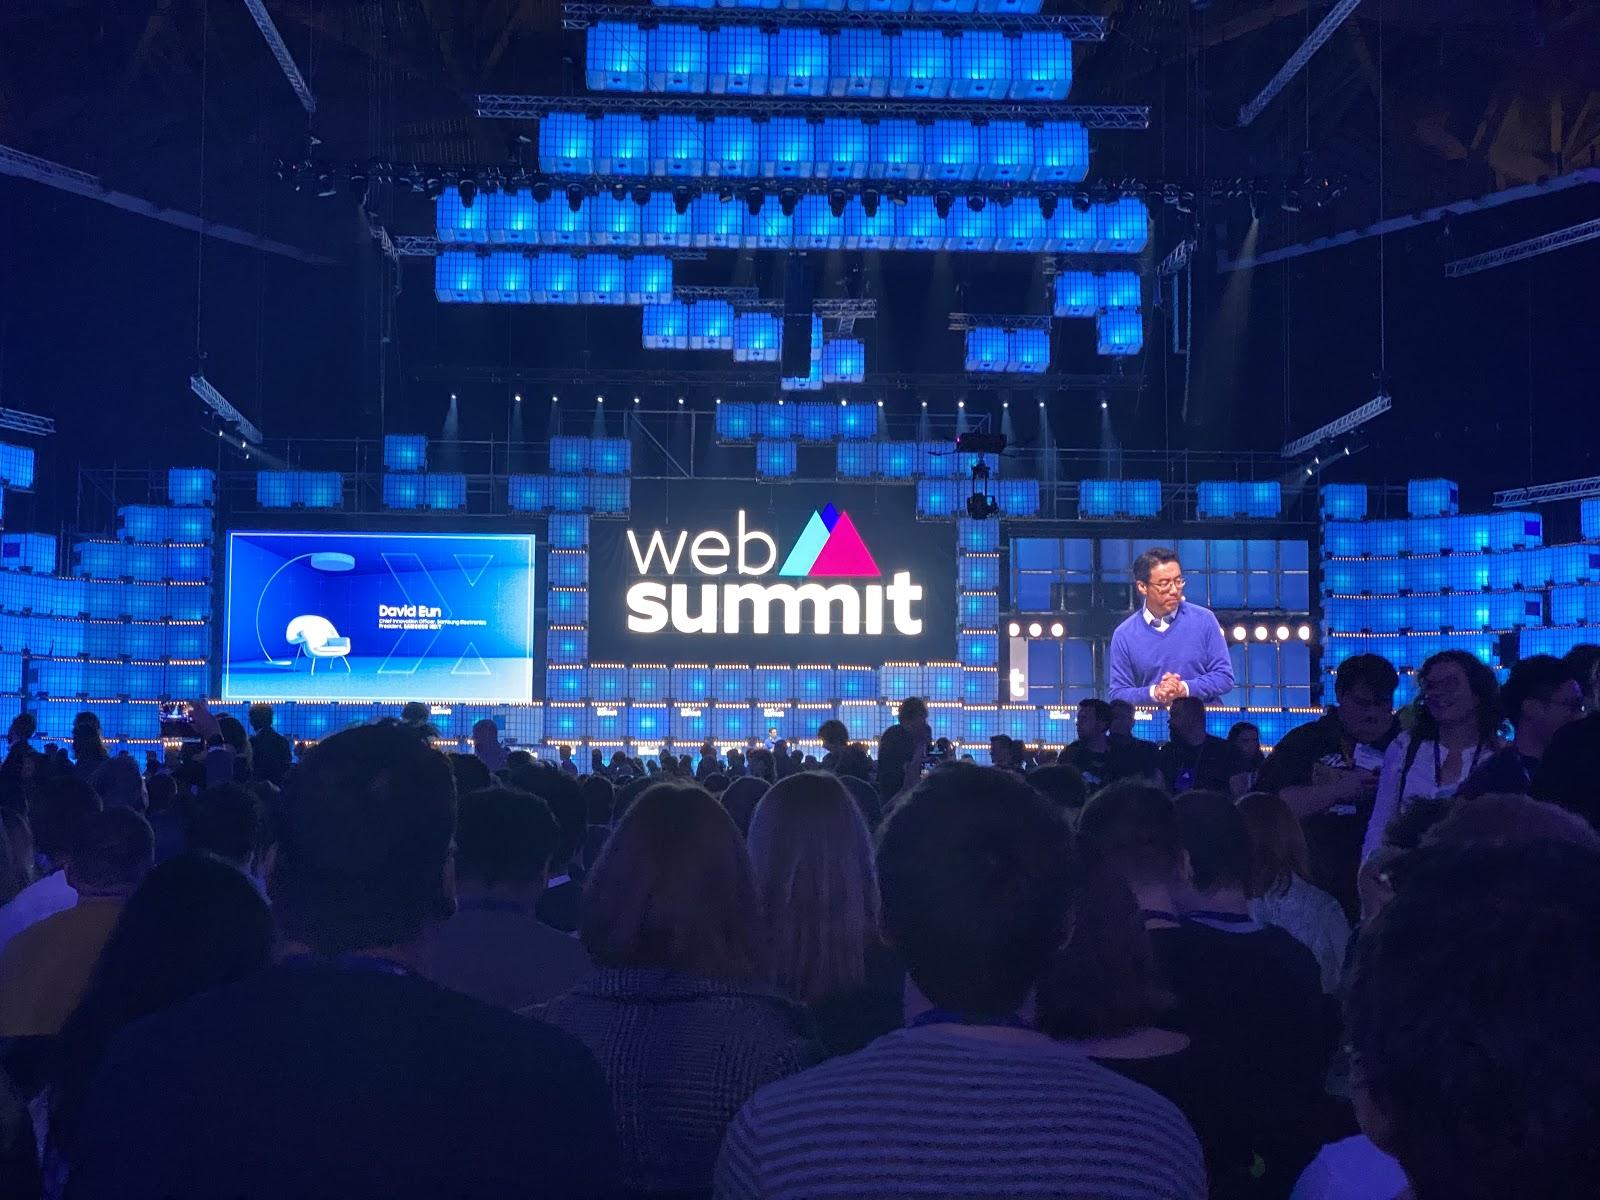 David Eun, President, Samsung NEXT